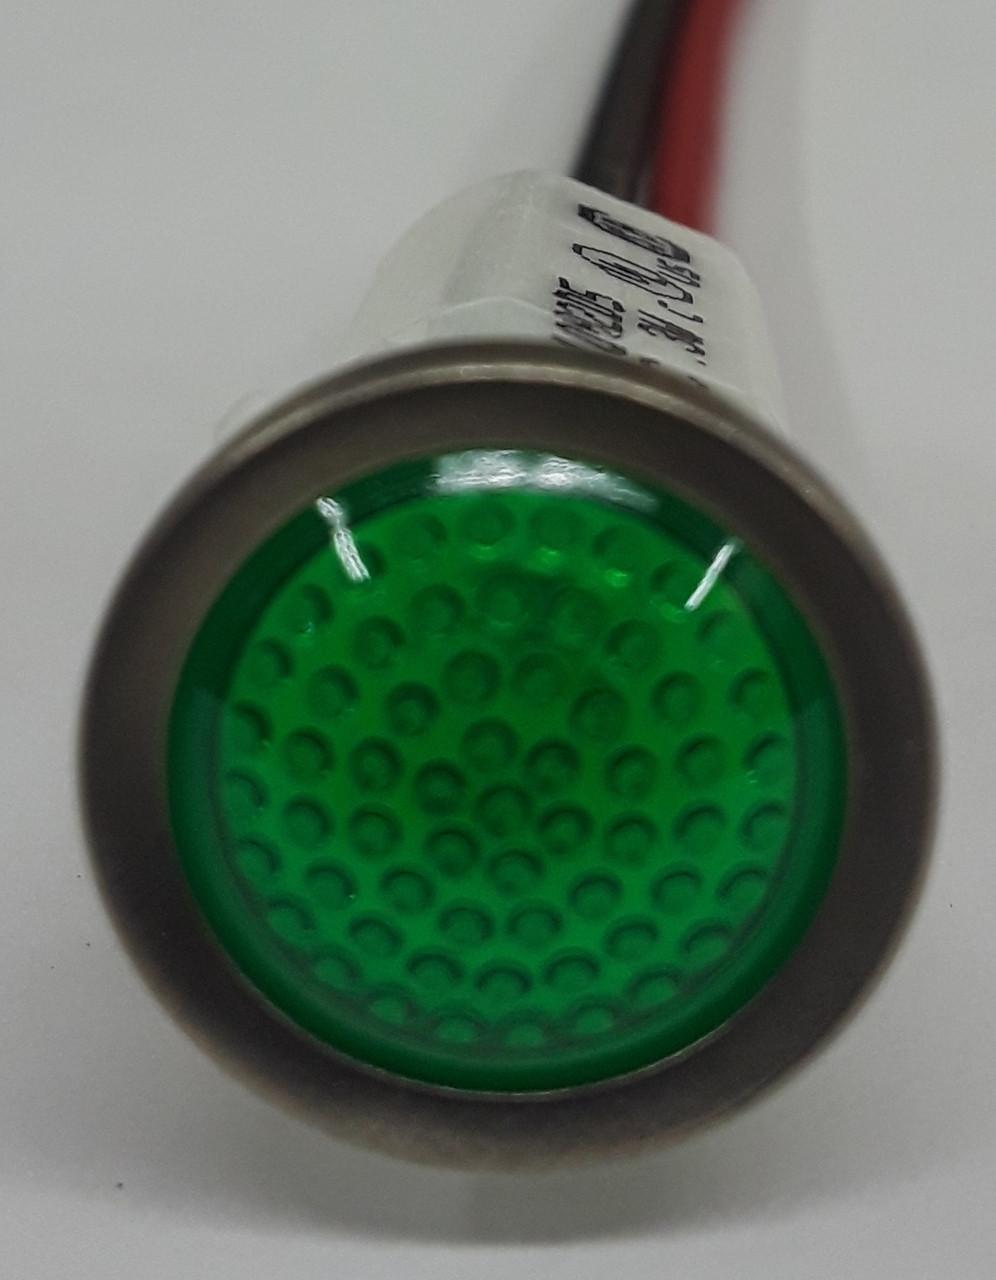 12v Led Indicator Switch Wiring 125vac illuminated rocker ... Illuminated Switch Wiring Diagram V on